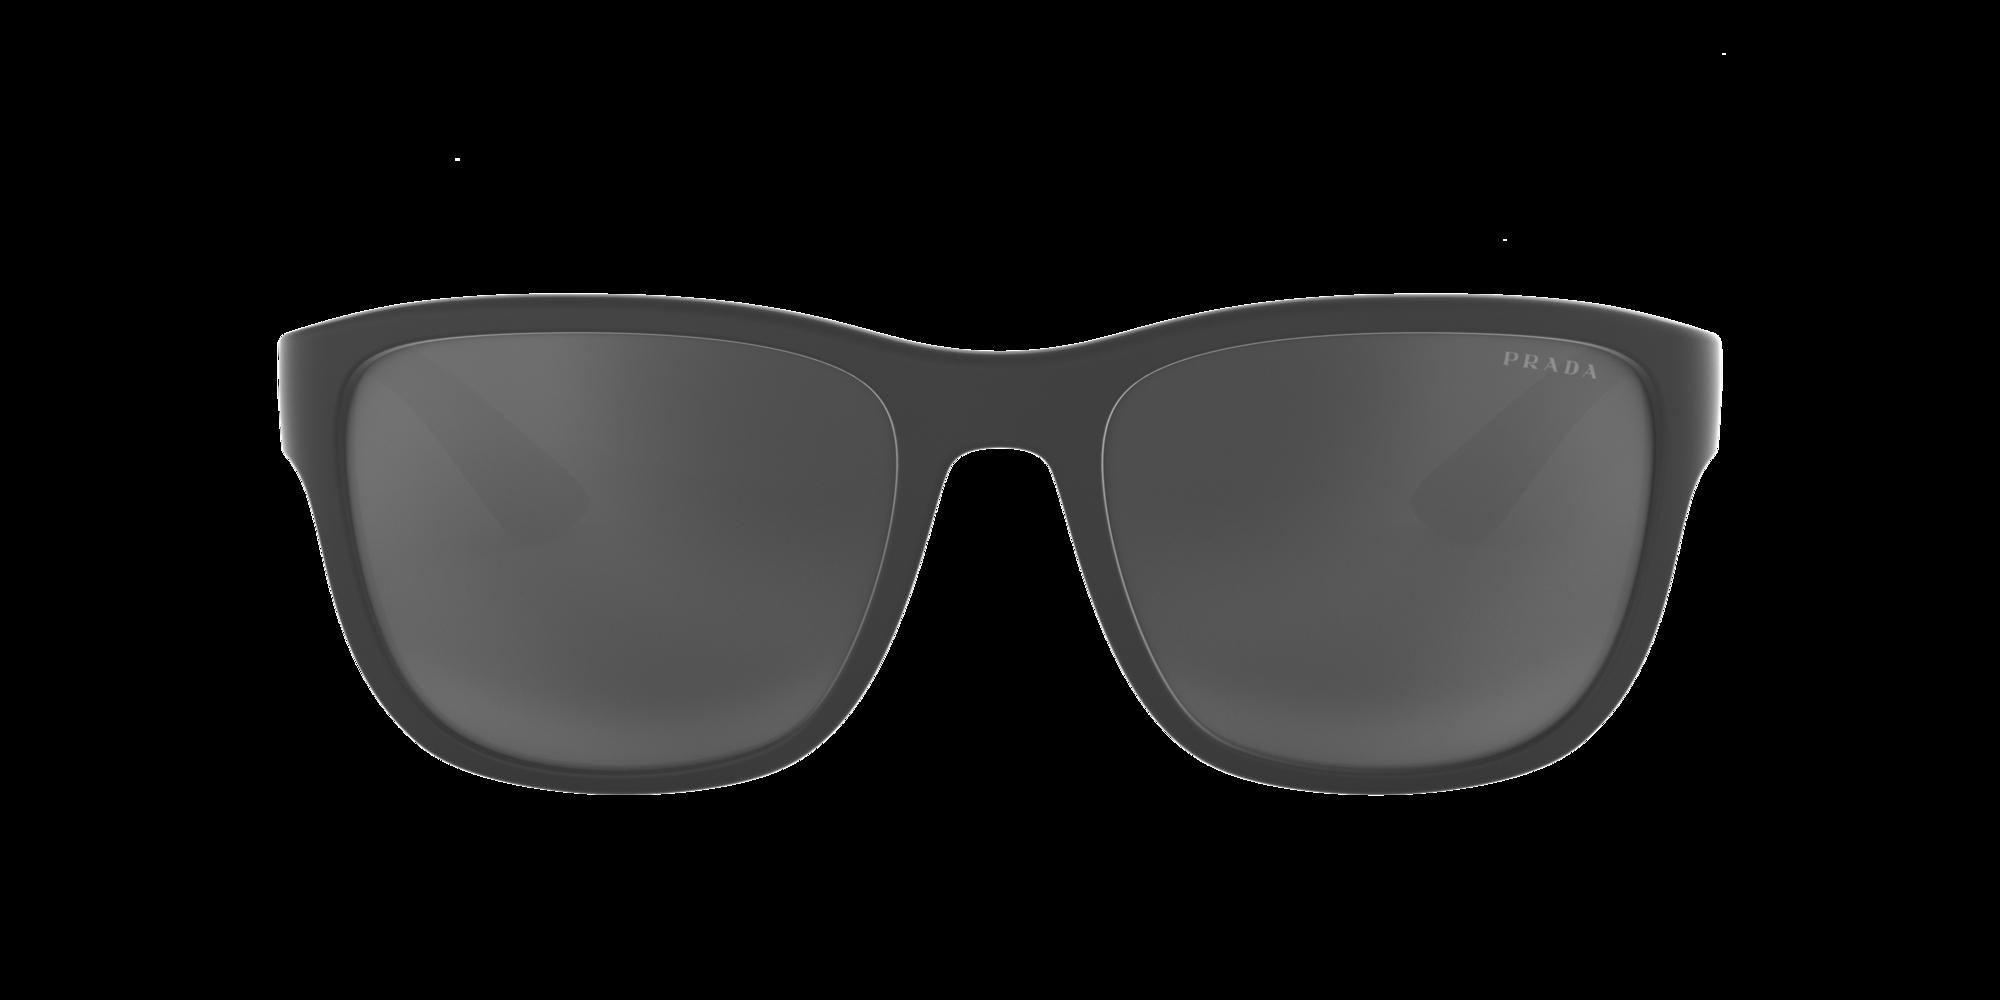 Imagen para PS 01US 59 ACTIVE de LensCrafters |  Espejuelos, espejuelos graduados en línea, gafas